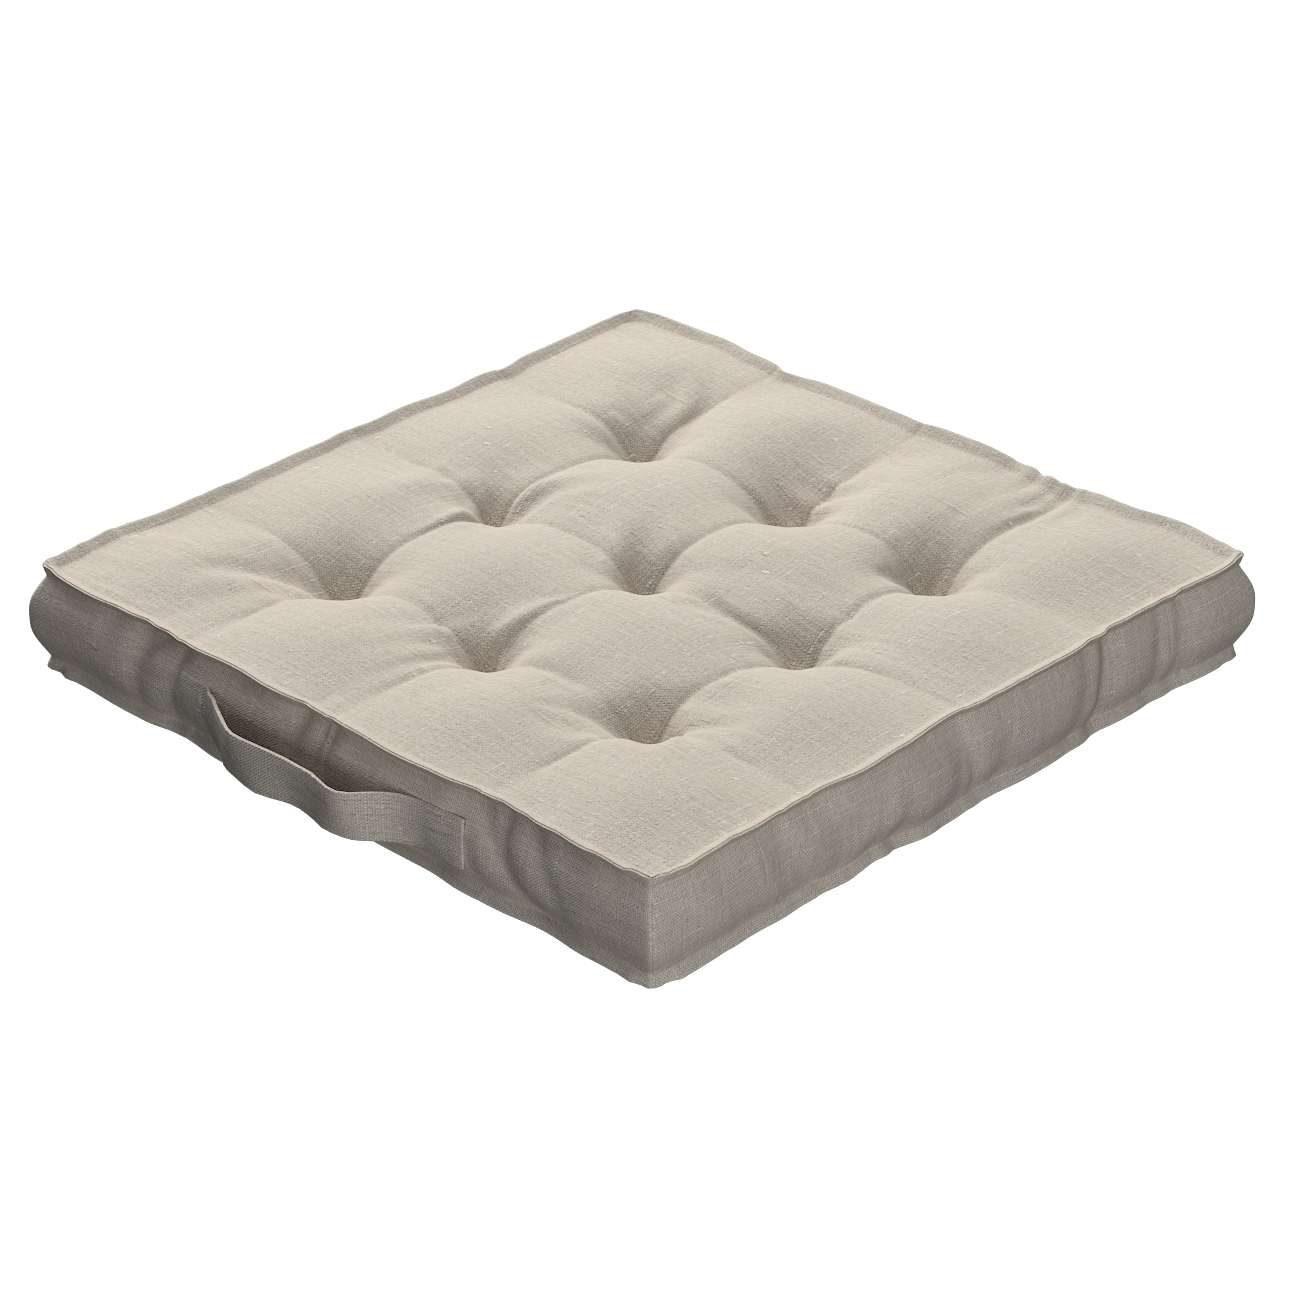 Pagalvėlė Kuba kėdei/ant grindų 40 x 40 x 6 cm kolekcijoje Linen , audinys: 392-05